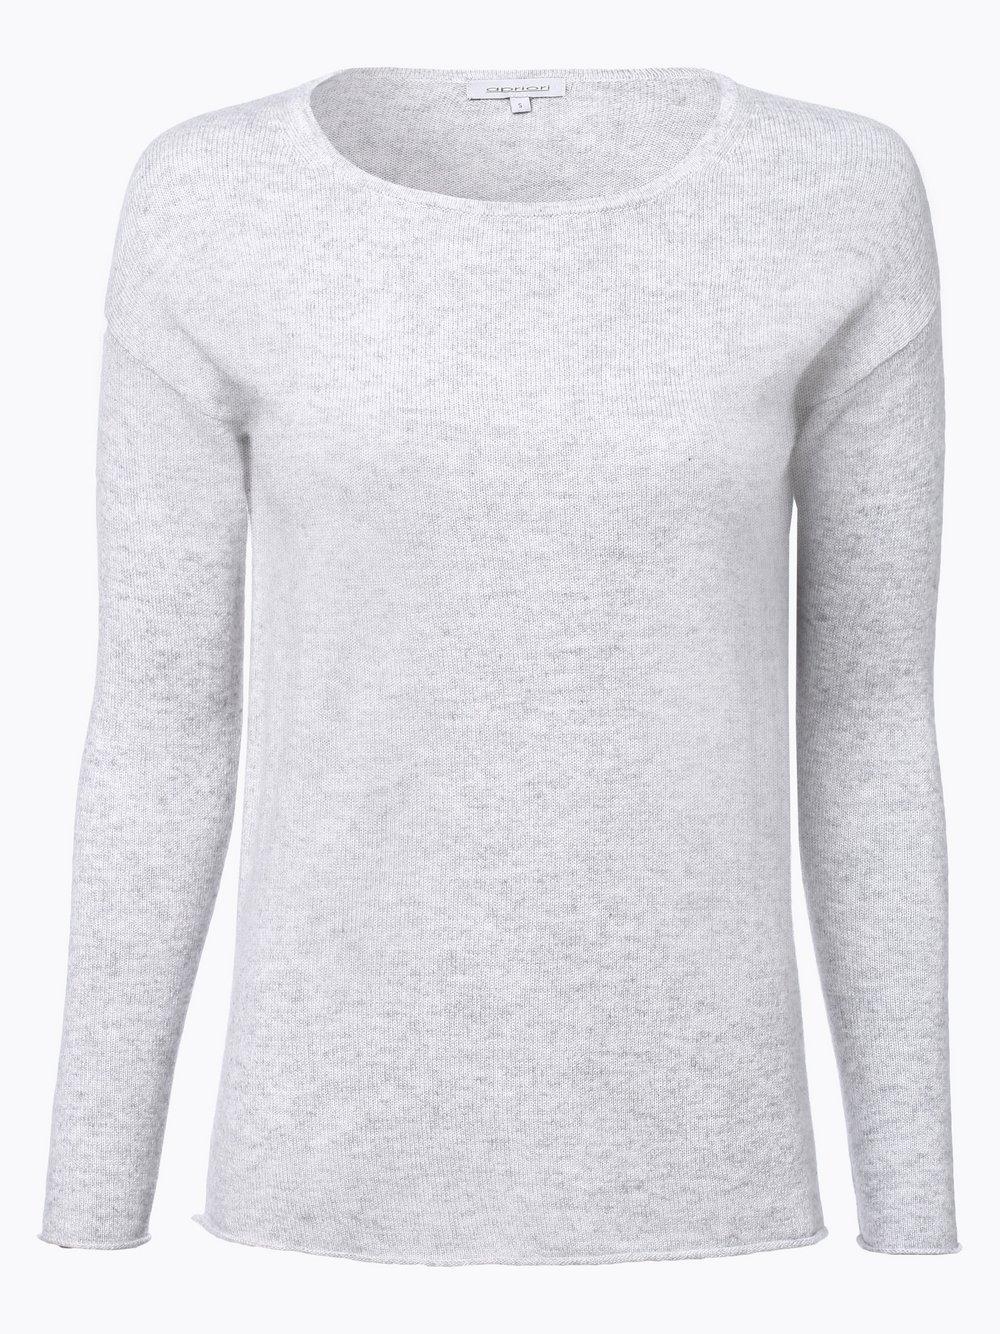 Neues Produkt 89afa 1c75e Apriori Damen Pure Cashmere Pullover silber grau uni online ...